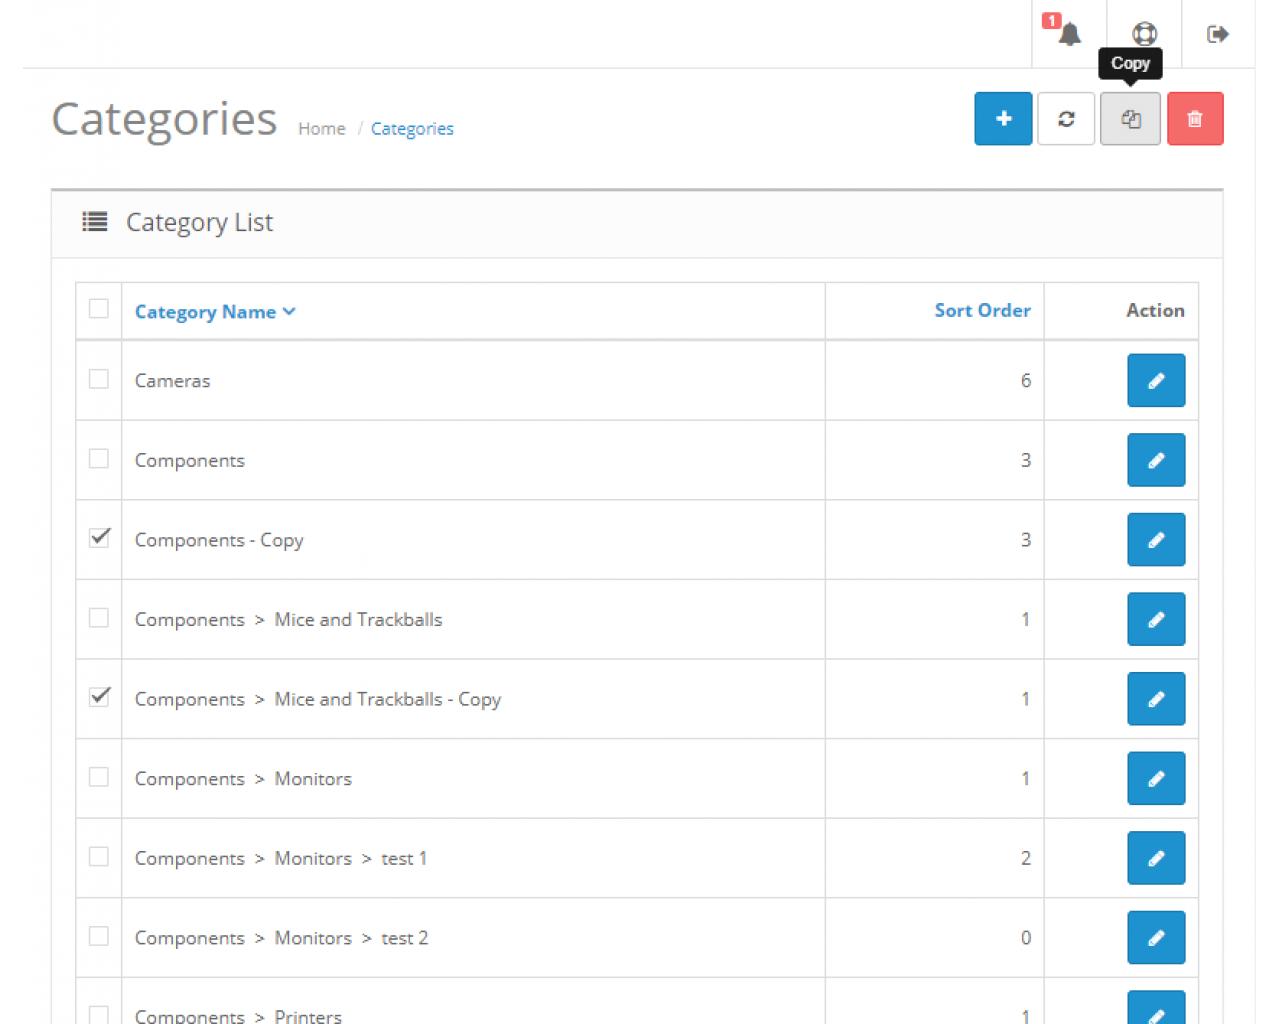 Копирование данных в админке (Категории, Опции, Статьи, Отзывы, Фильтры, Производители)